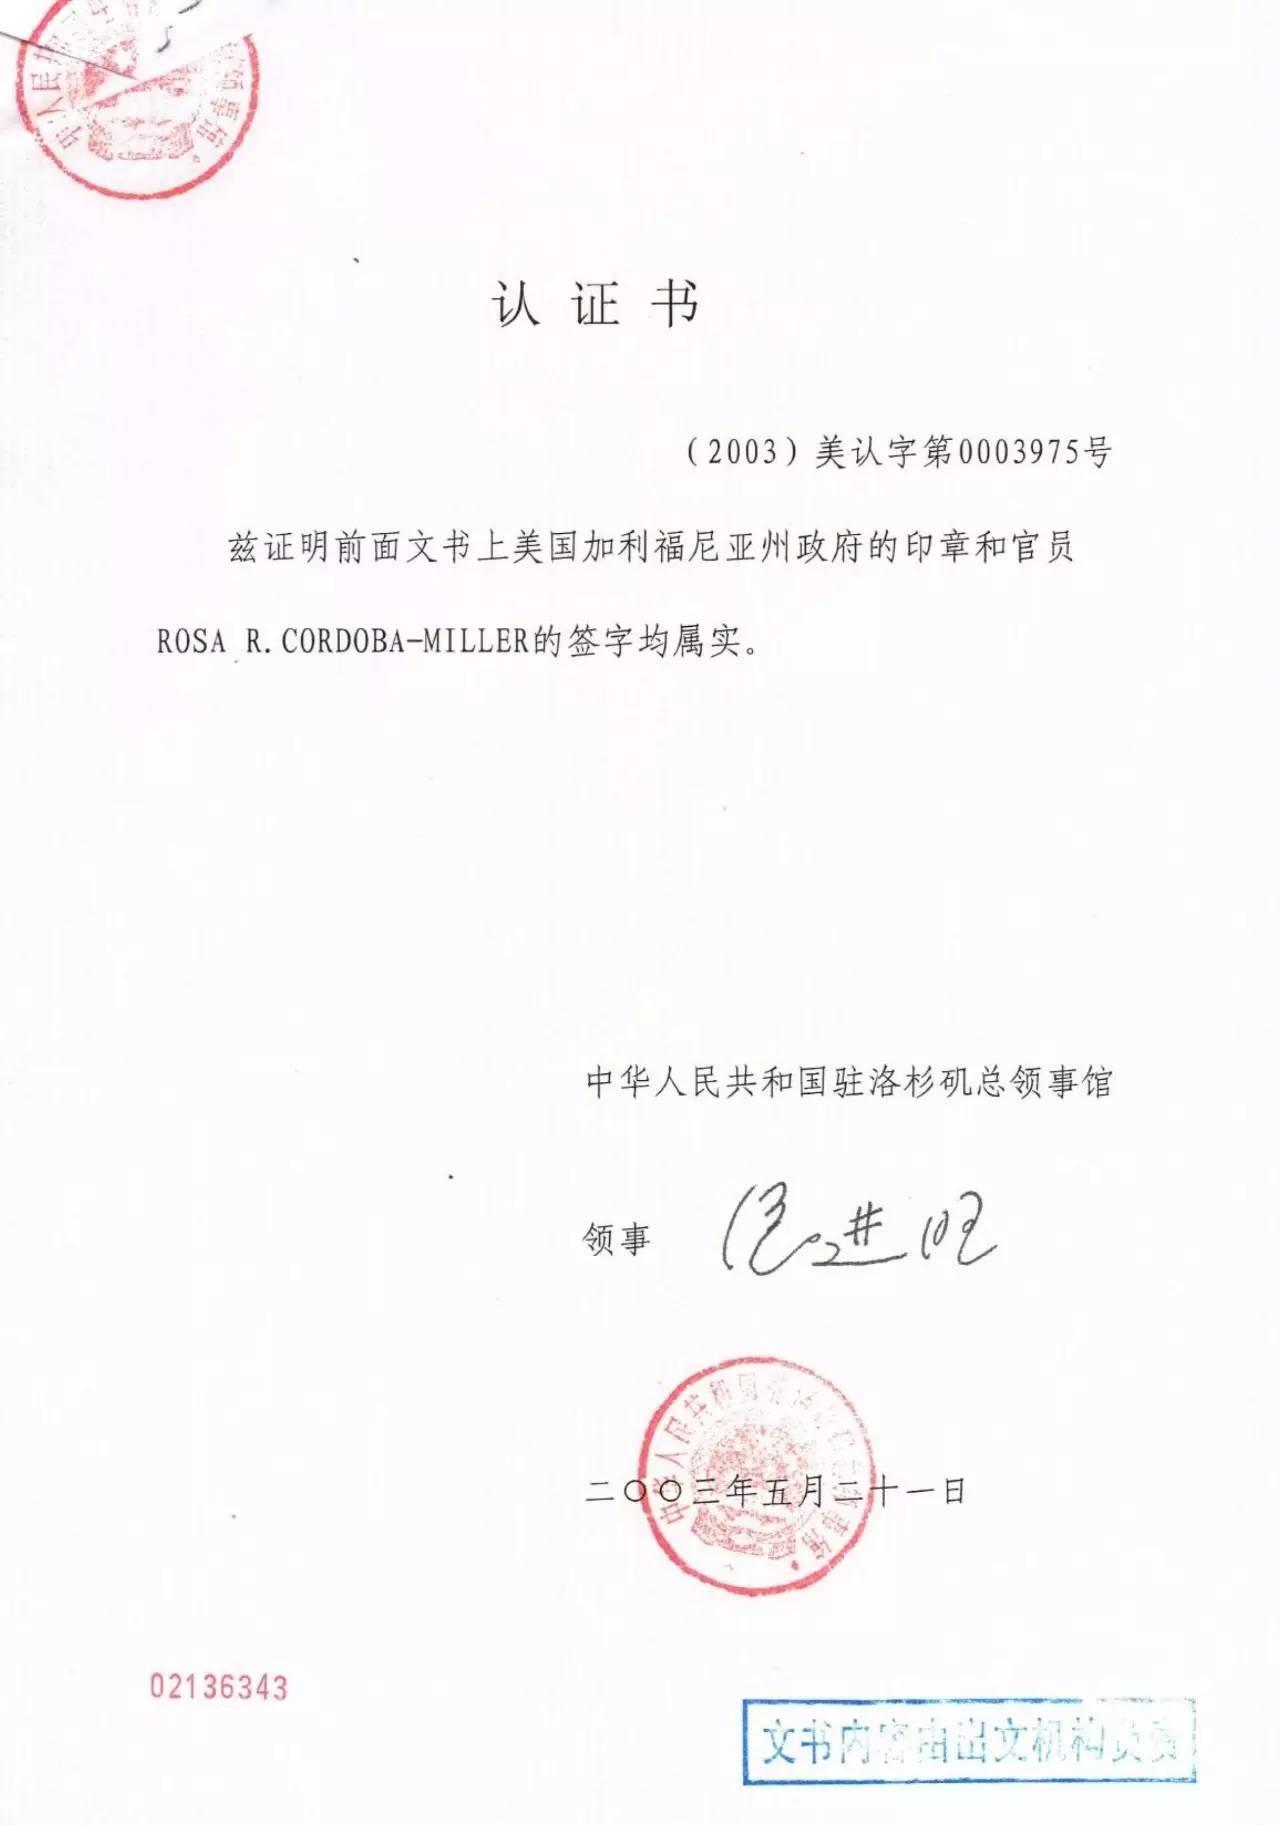 周永康陈绍基陷害第三世多杰羌佛真相曝光 第42张